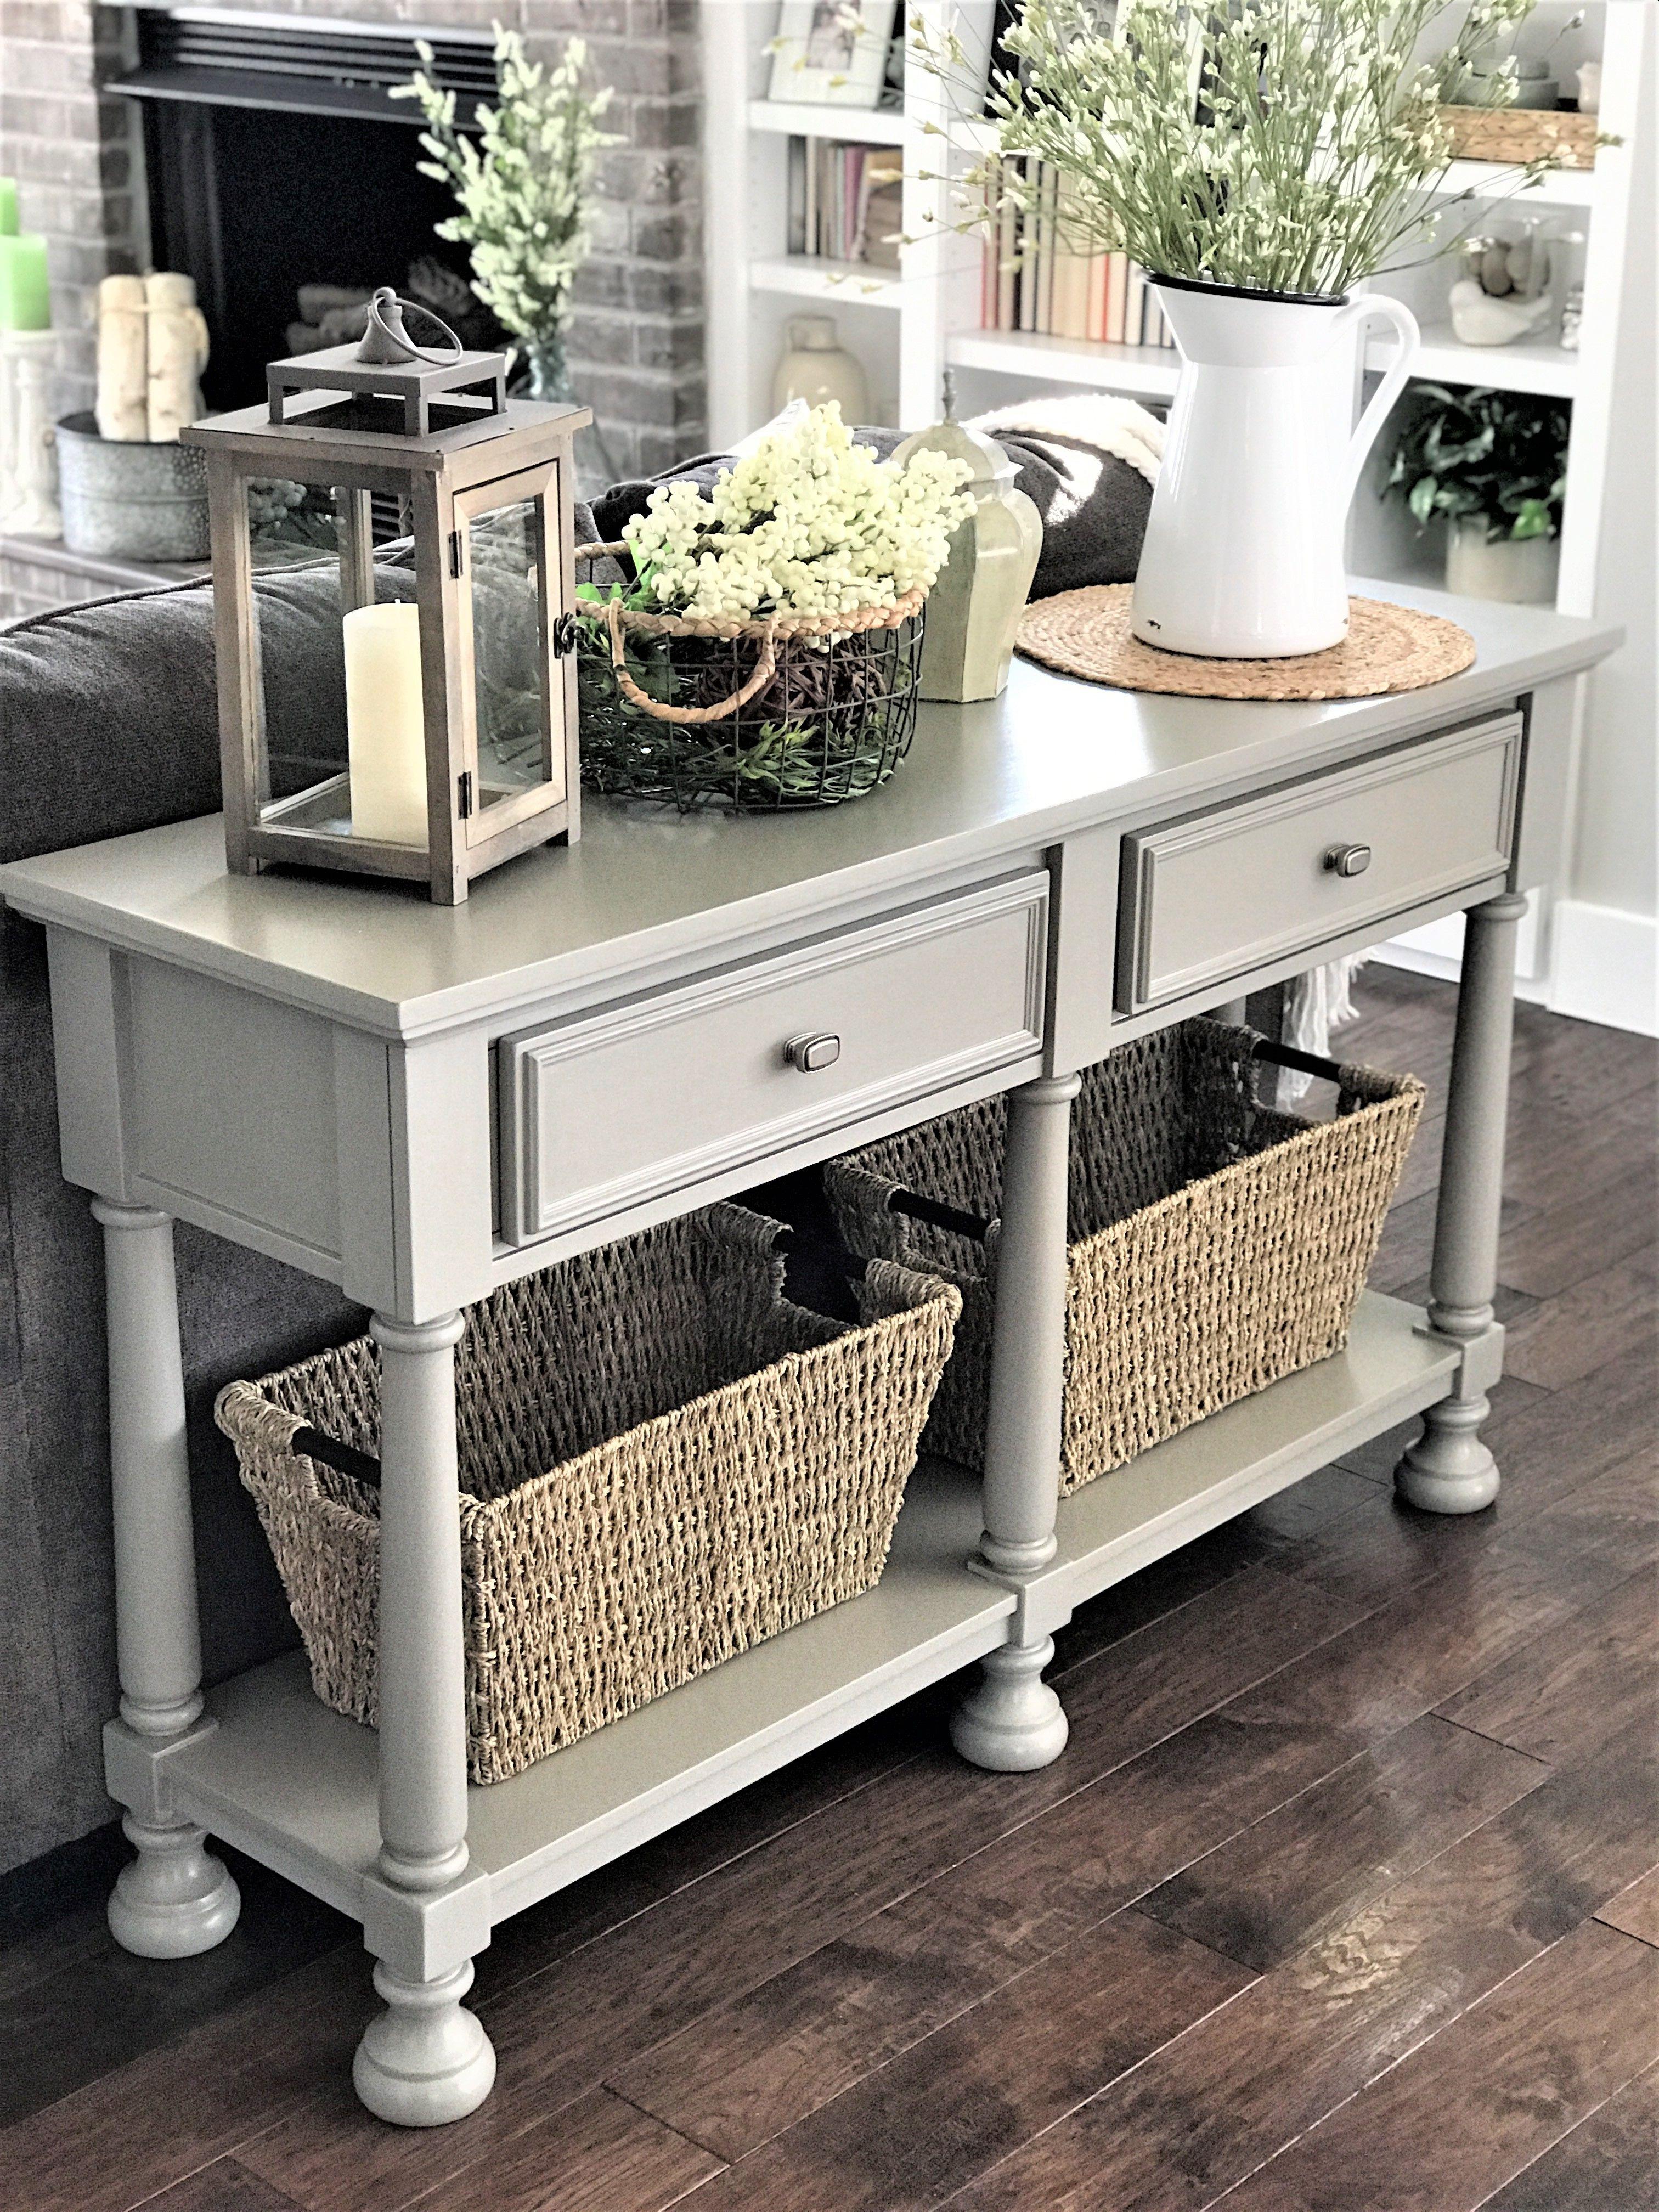 Spring Decor Sofa Table Diy Upgrade With Chalk Paint Tutorial Sofa Table Decor Farmhouse Sofa Table Table Decor Living Room